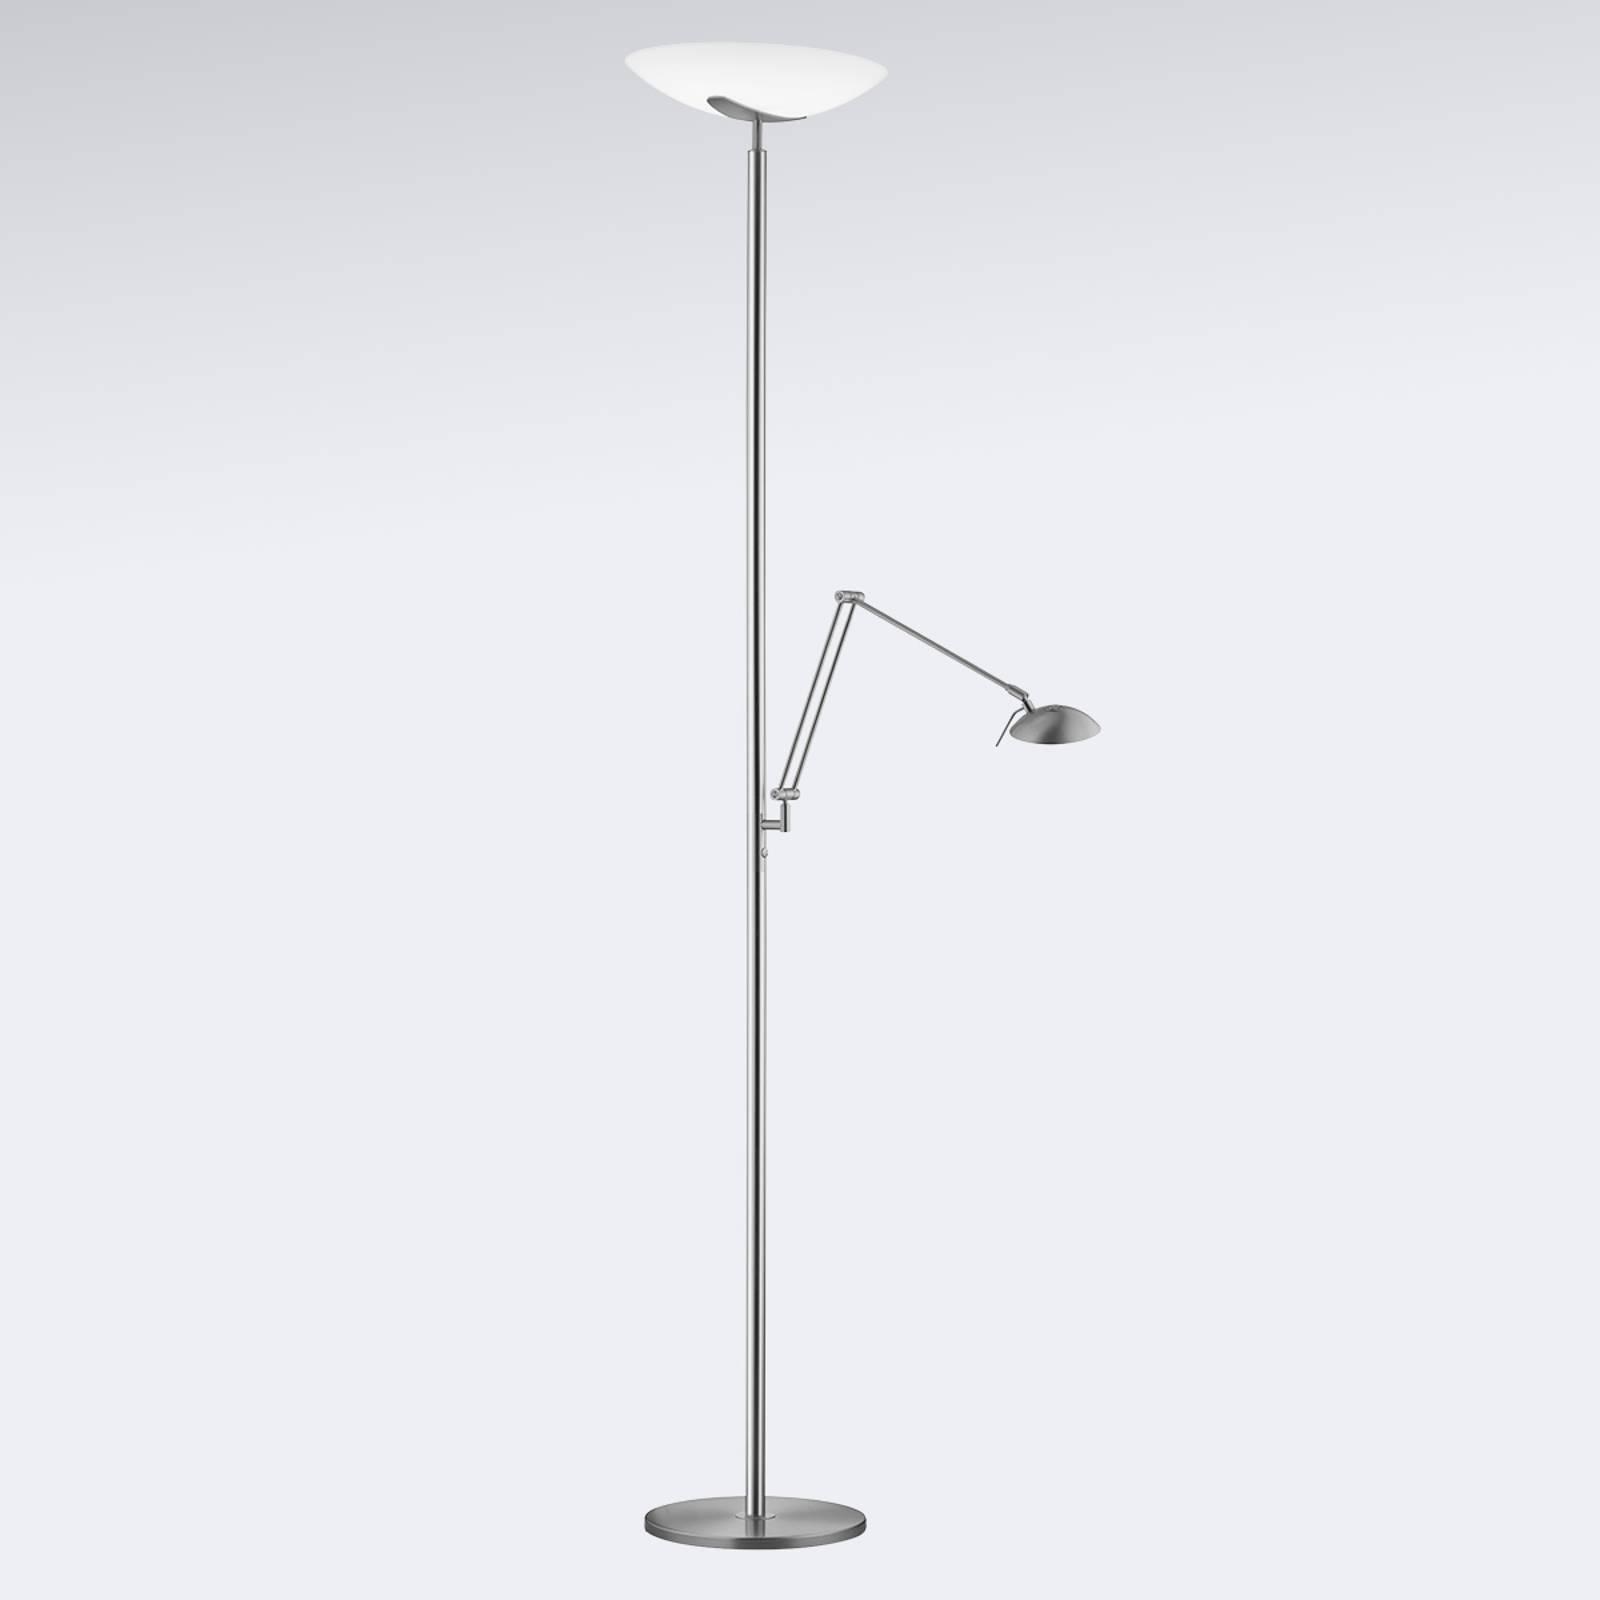 LED uplighter Lya met leeslamp in nikkel-chroom